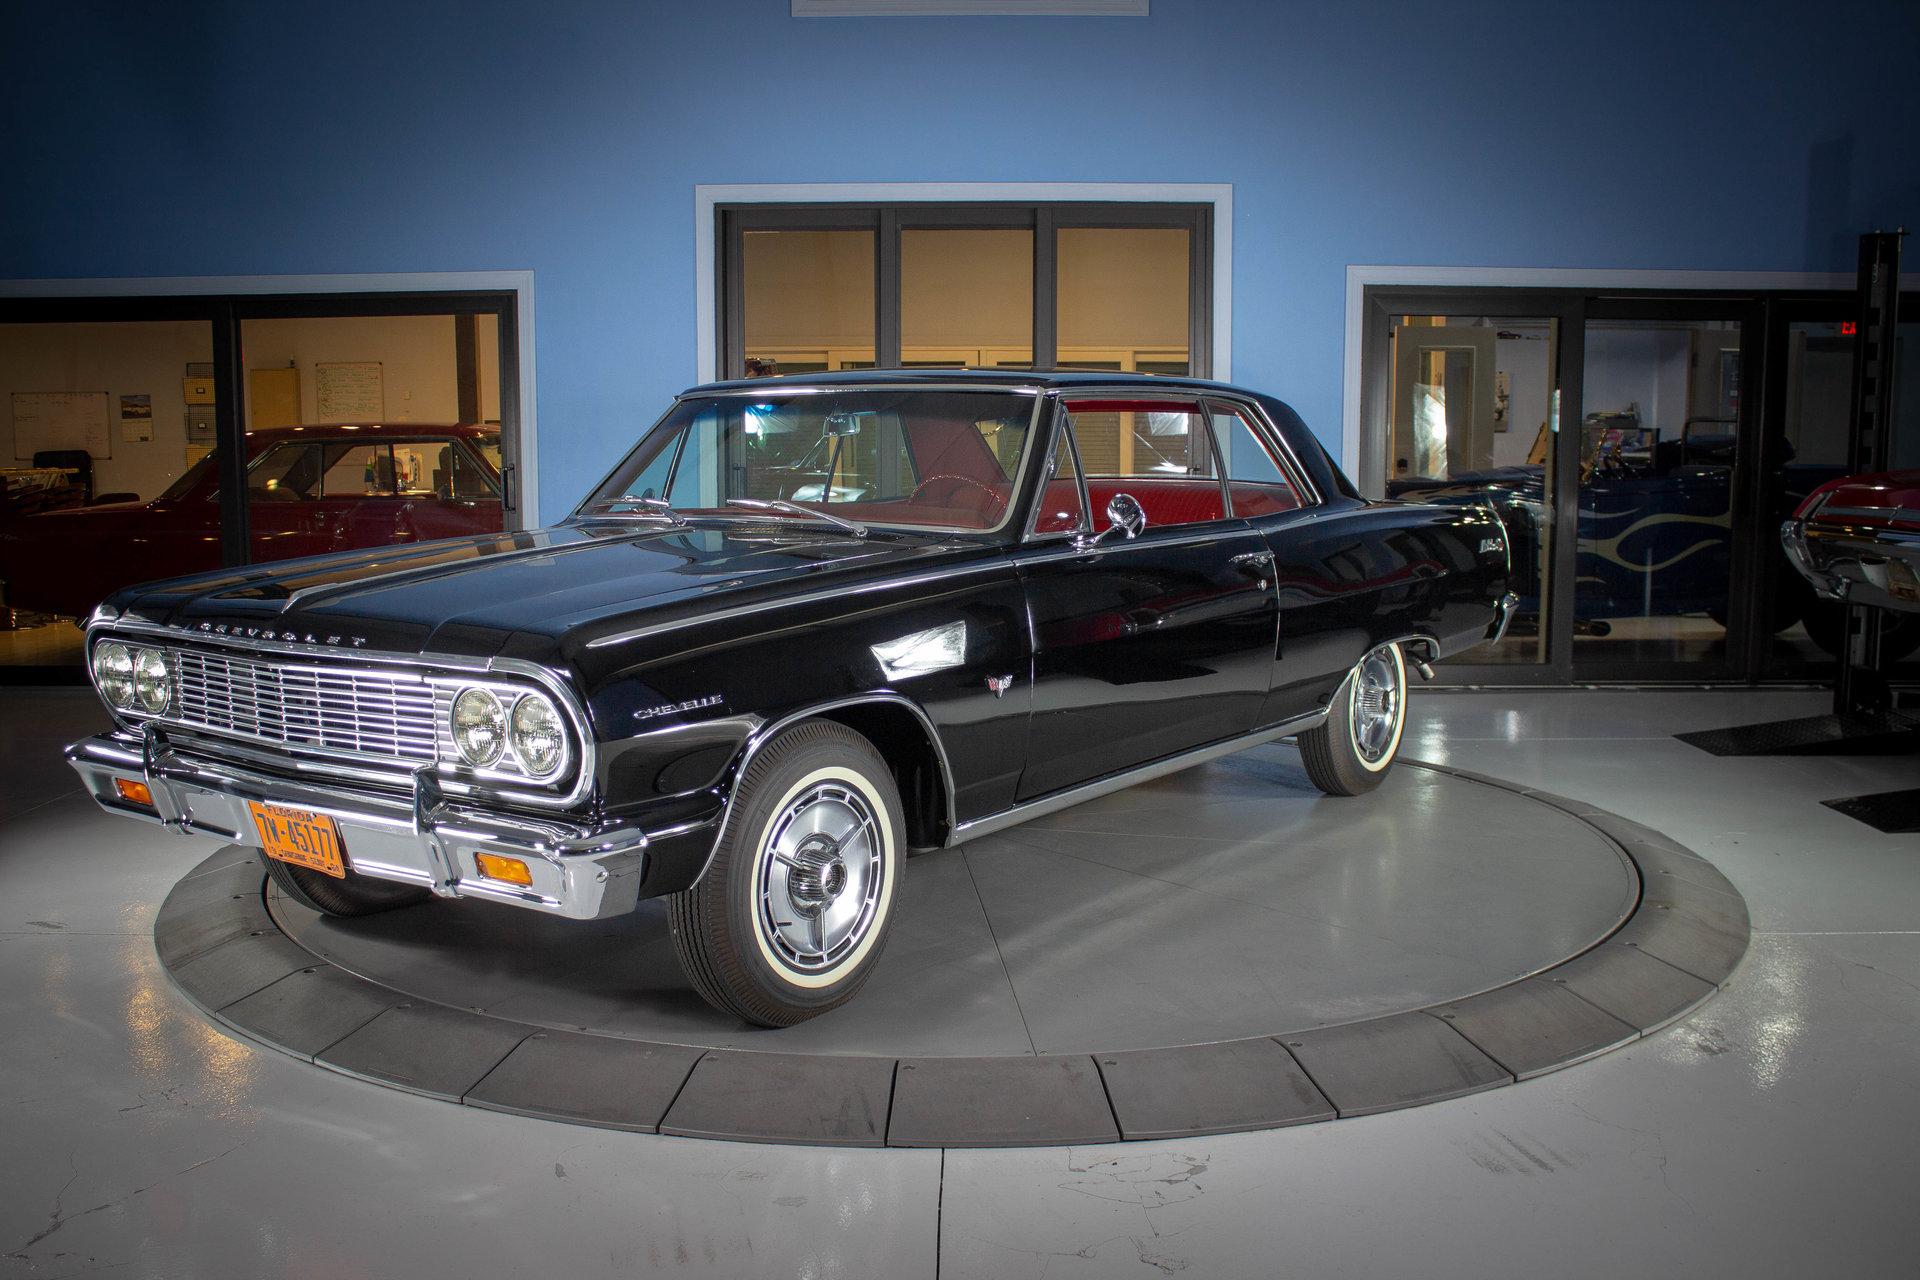 10340c3489f49 hd 1964 chevrolet chevelle